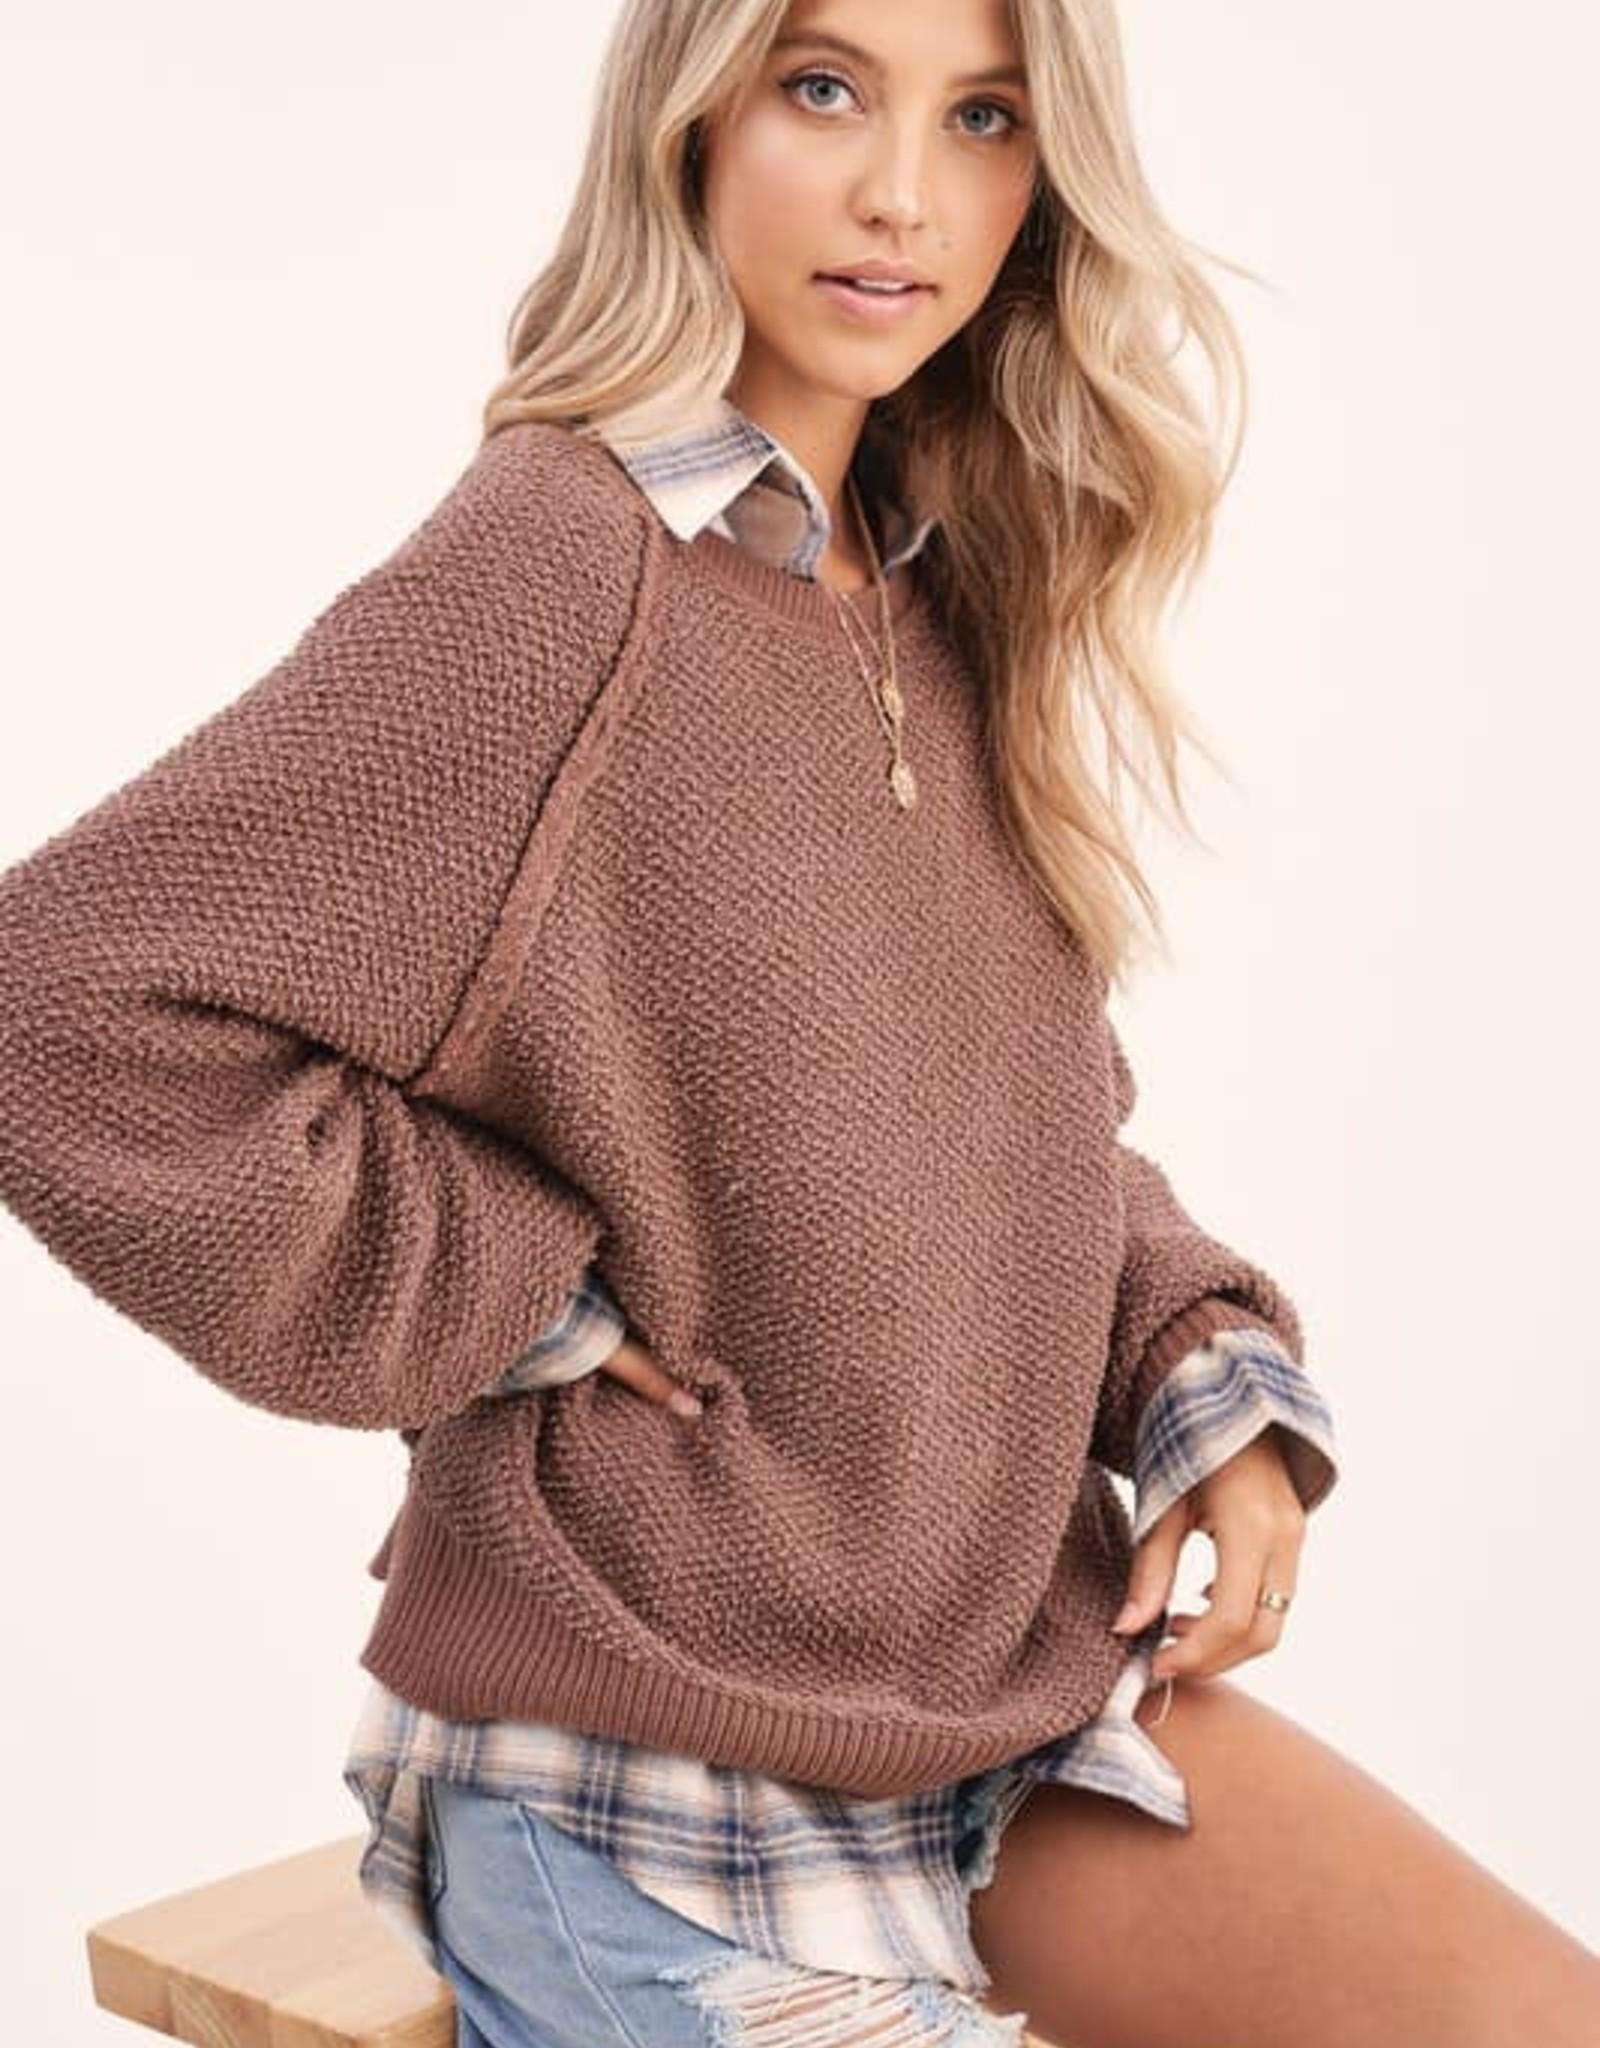 Carino Textured Sweater